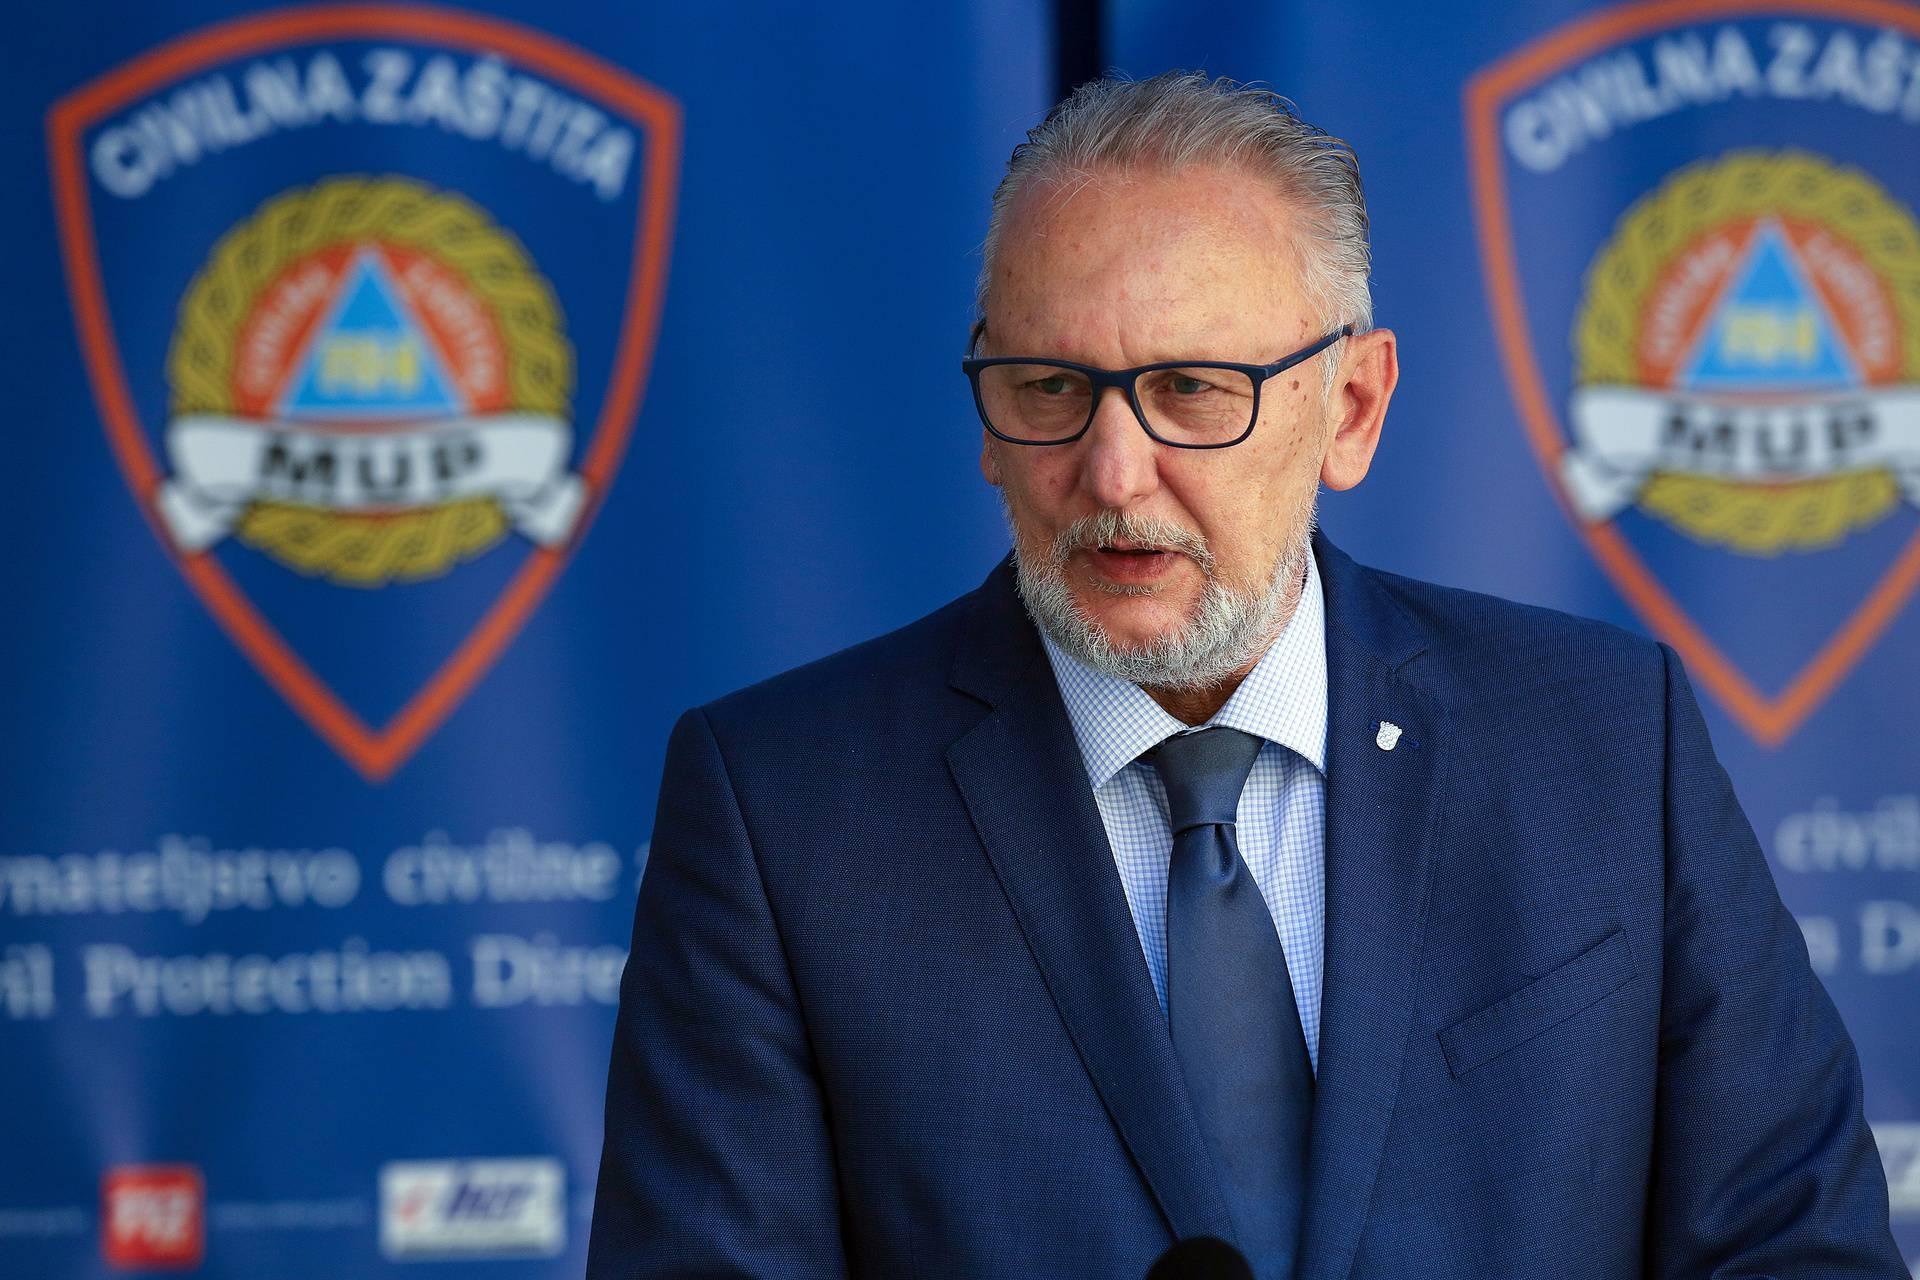 'Policajci će imati kamere, nema čekanja na šalterima, a osobne iskaznice će biti i zdravstvene'